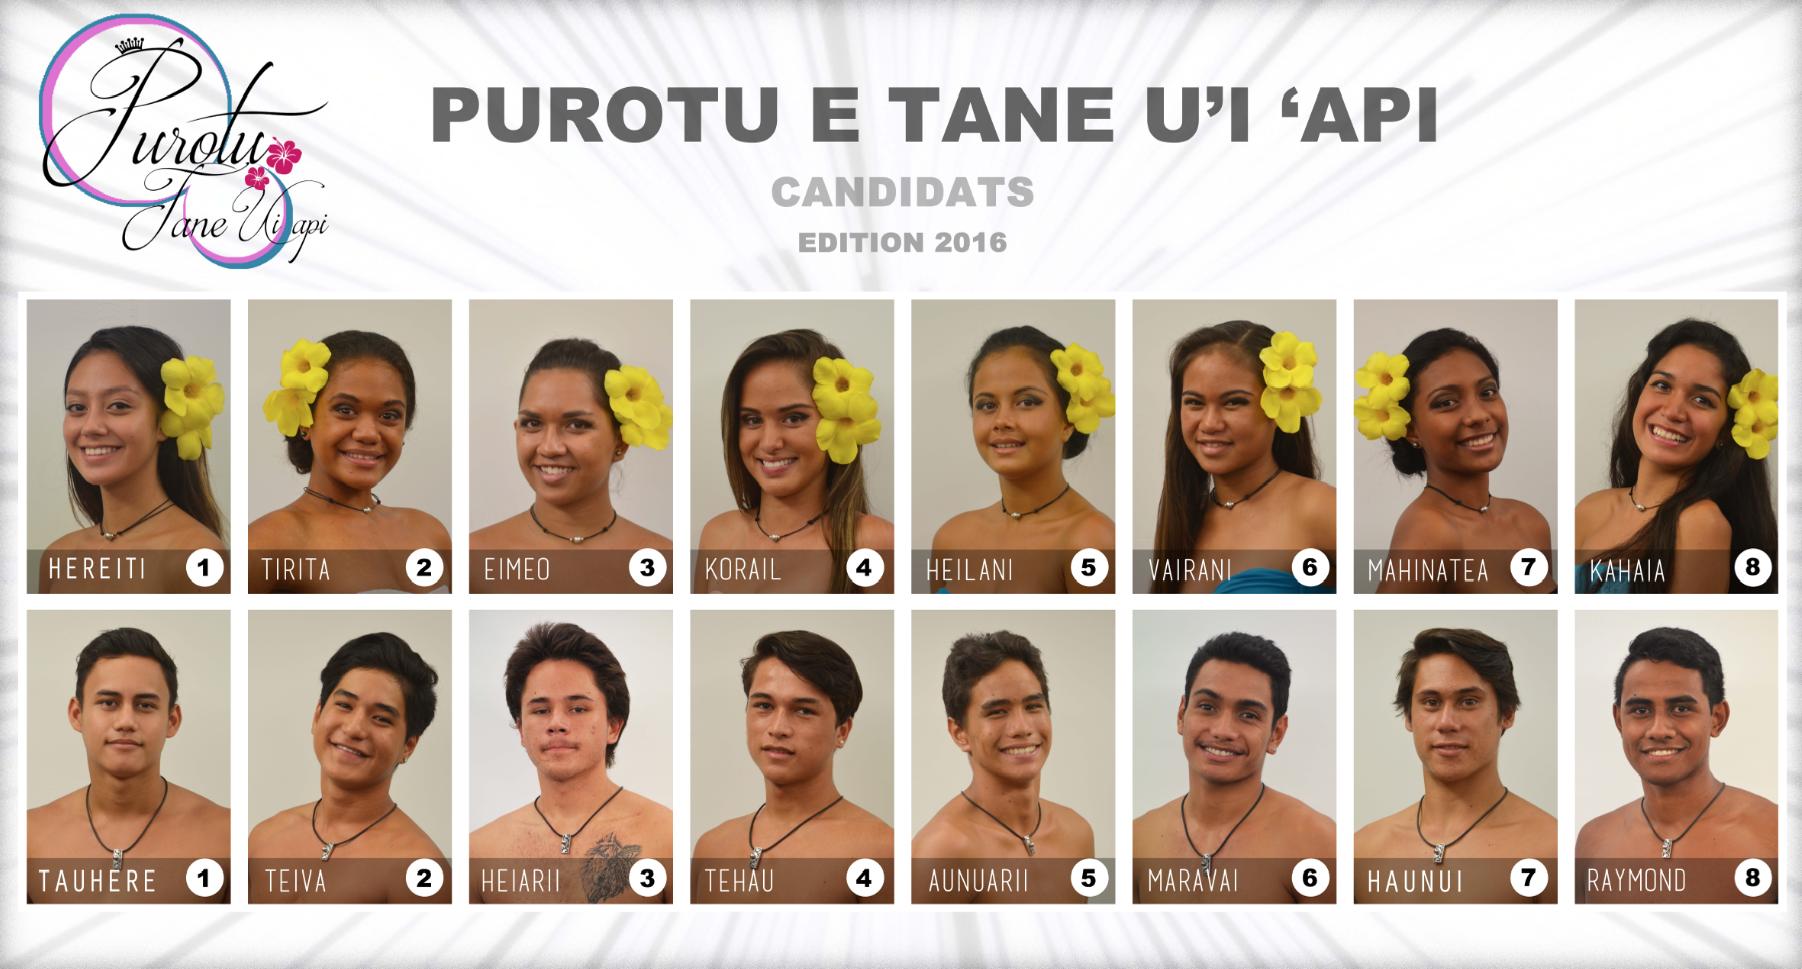 Les seize candidats en lice.